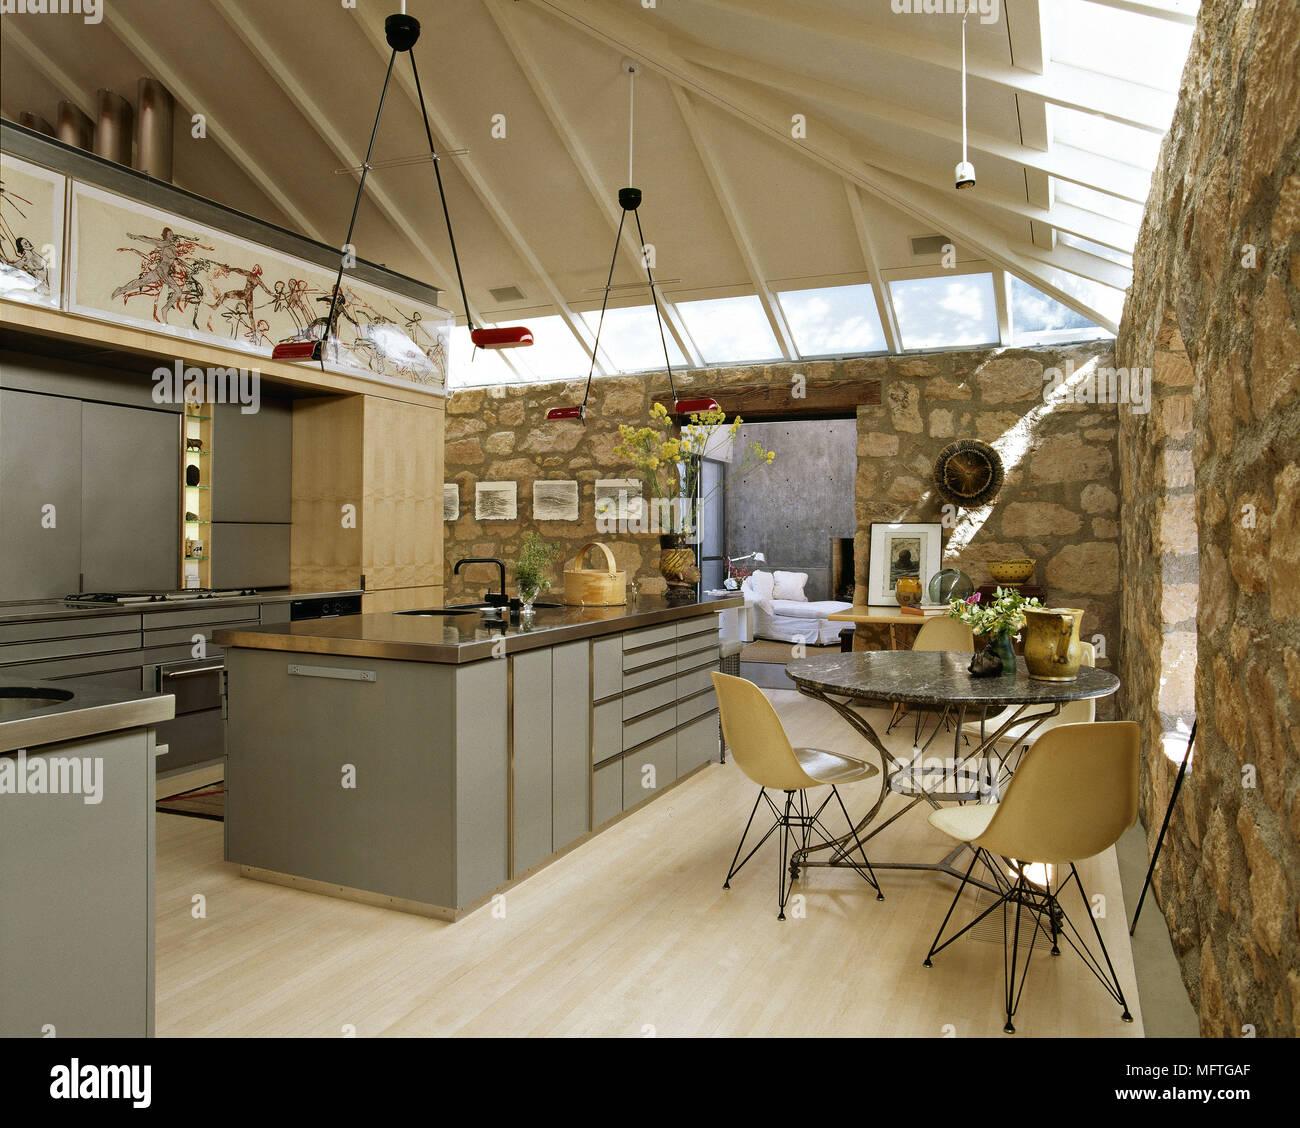 https www alamyimages fr cuisine ouverte moderne et salle a manger avec ilot central et des murs en pierre apparente image181863207 html